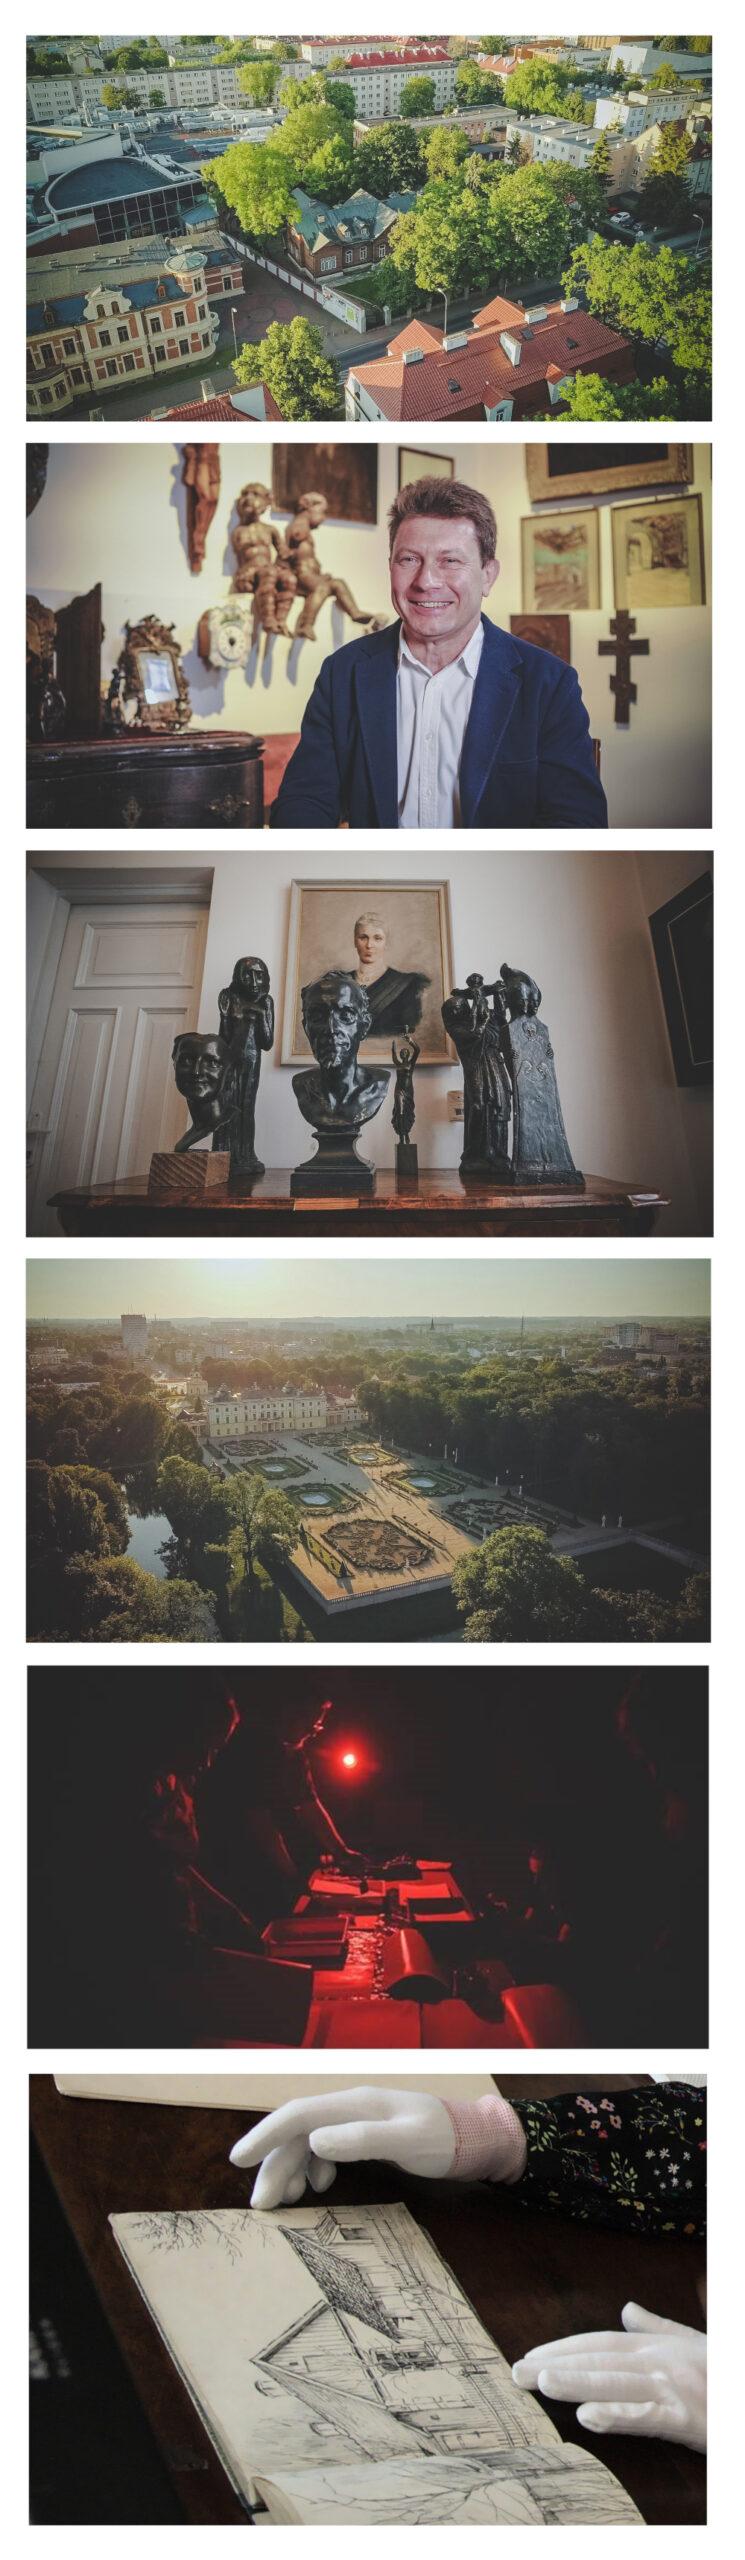 График состоит из четырех фотографий. На первом фото штаб-квартира Музея скульптур  с высоты птичьего полета. На втором фото улыбающийся мужчина. Третье фото скульптуры из коллекции Альфонса Карного. На четвертом вид Дворец Браницких.